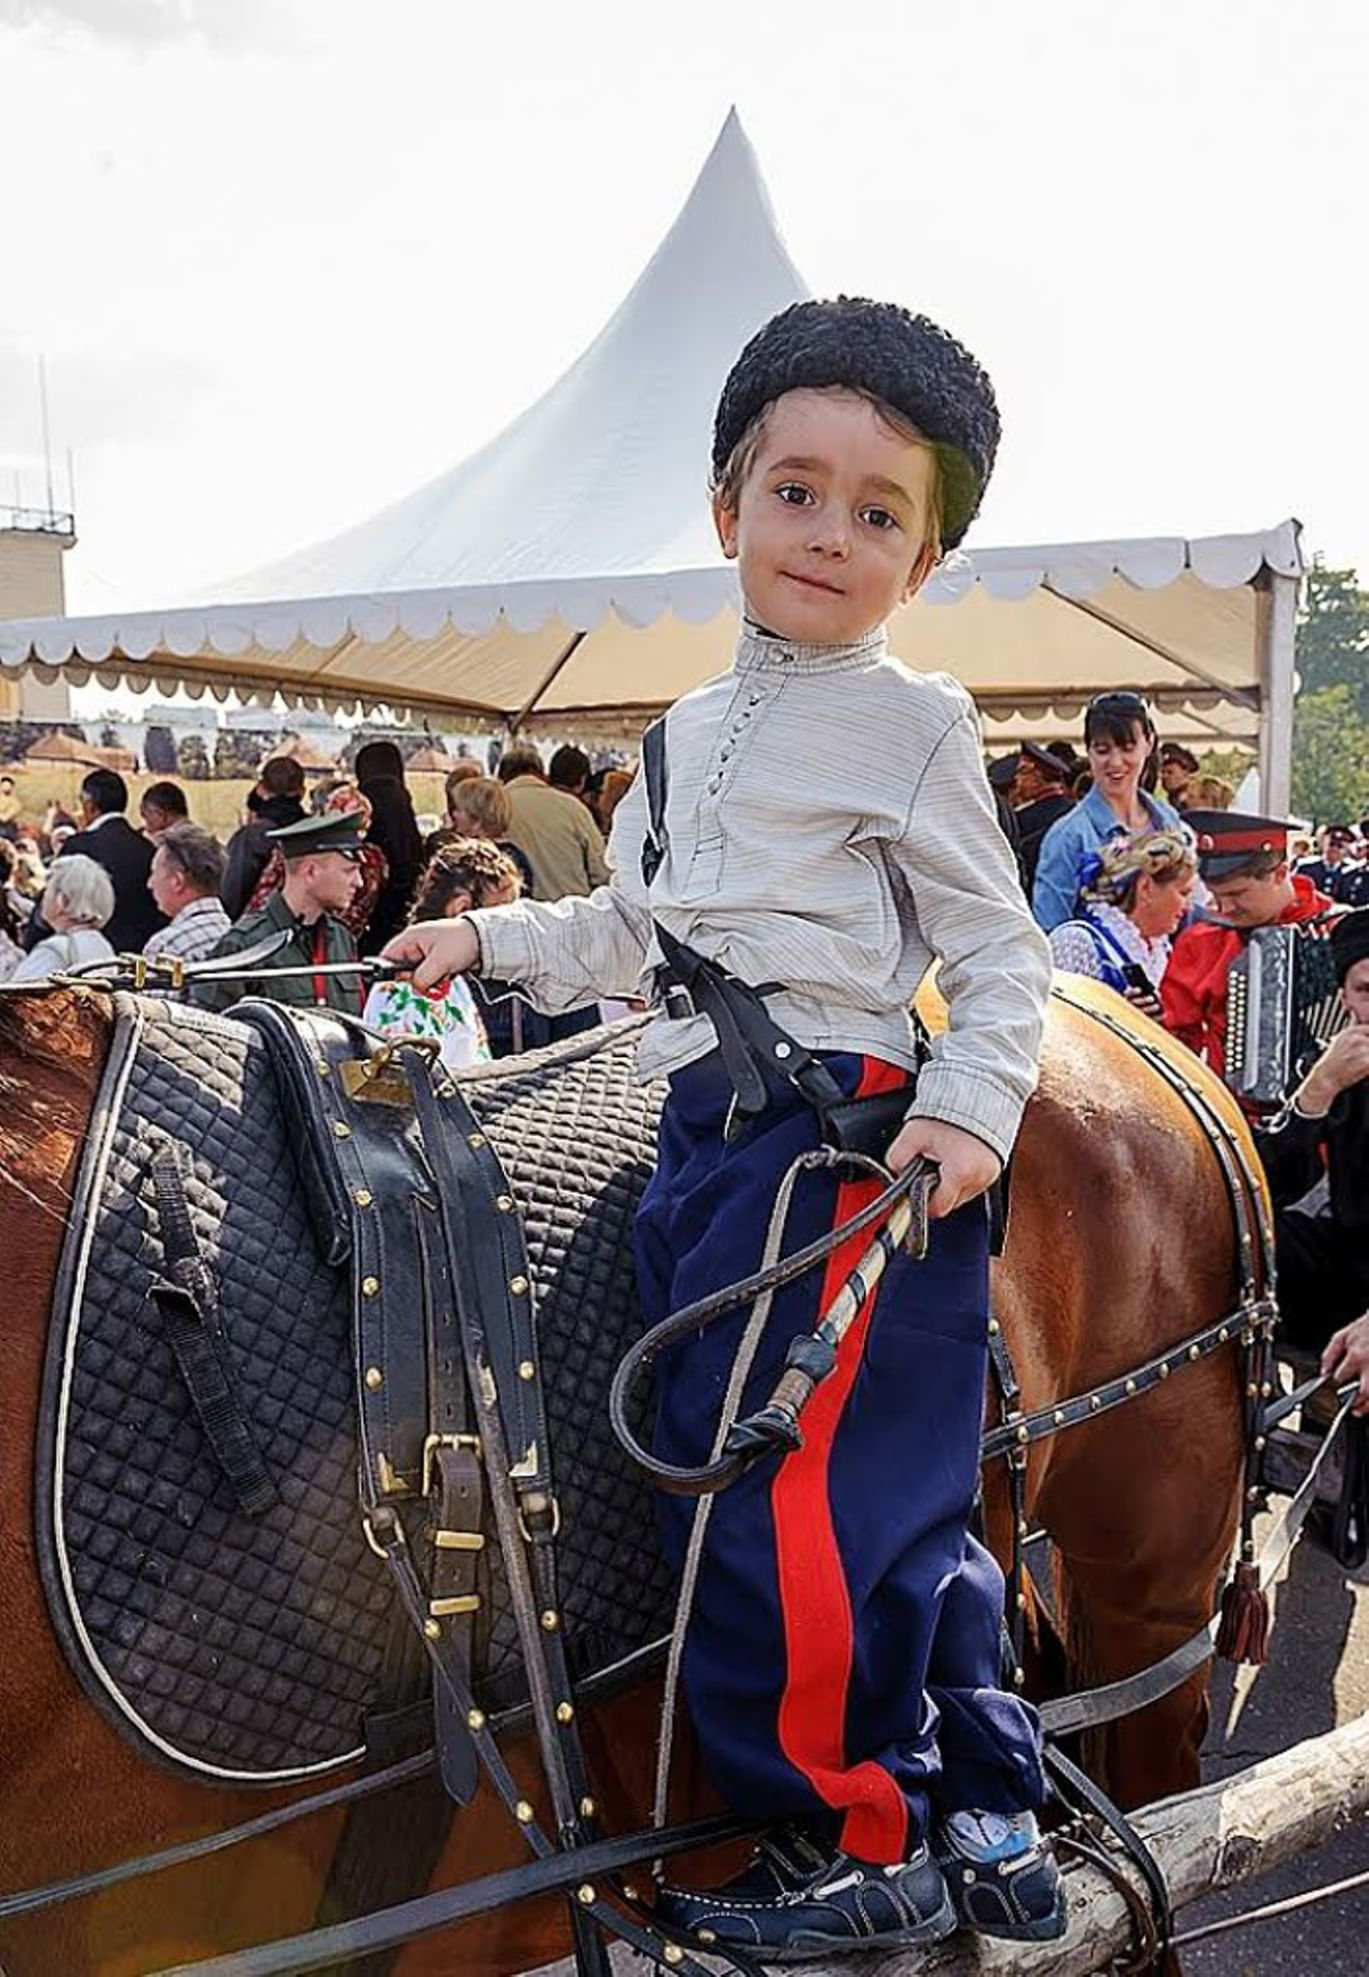 Фестиваль казачьих традиций пройдет в музее-заповеднике «Царицыно». Галерея 1